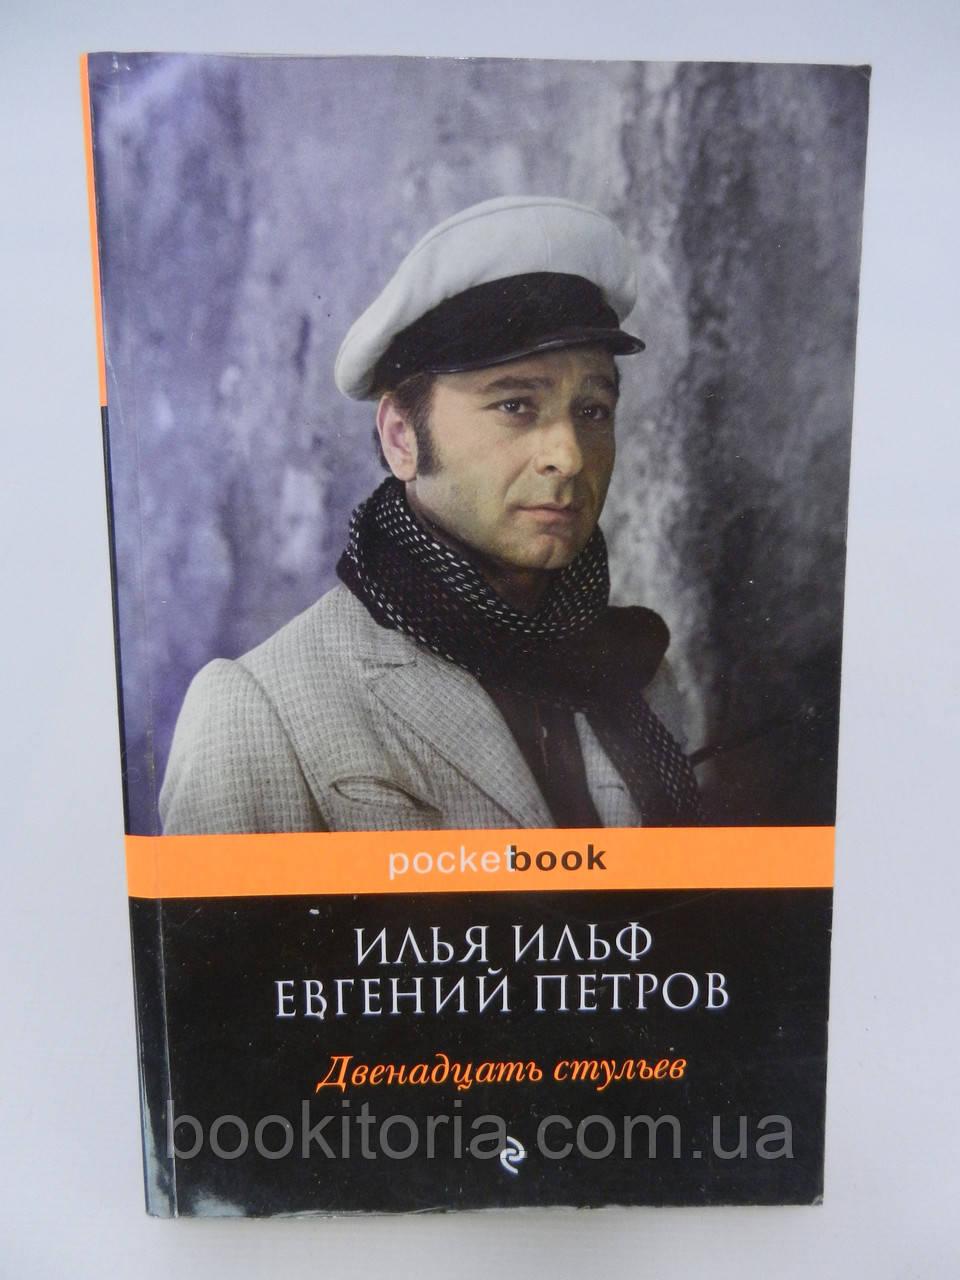 Ильф И.А., Петров Е.П. Двенадцать стульев (б/у).